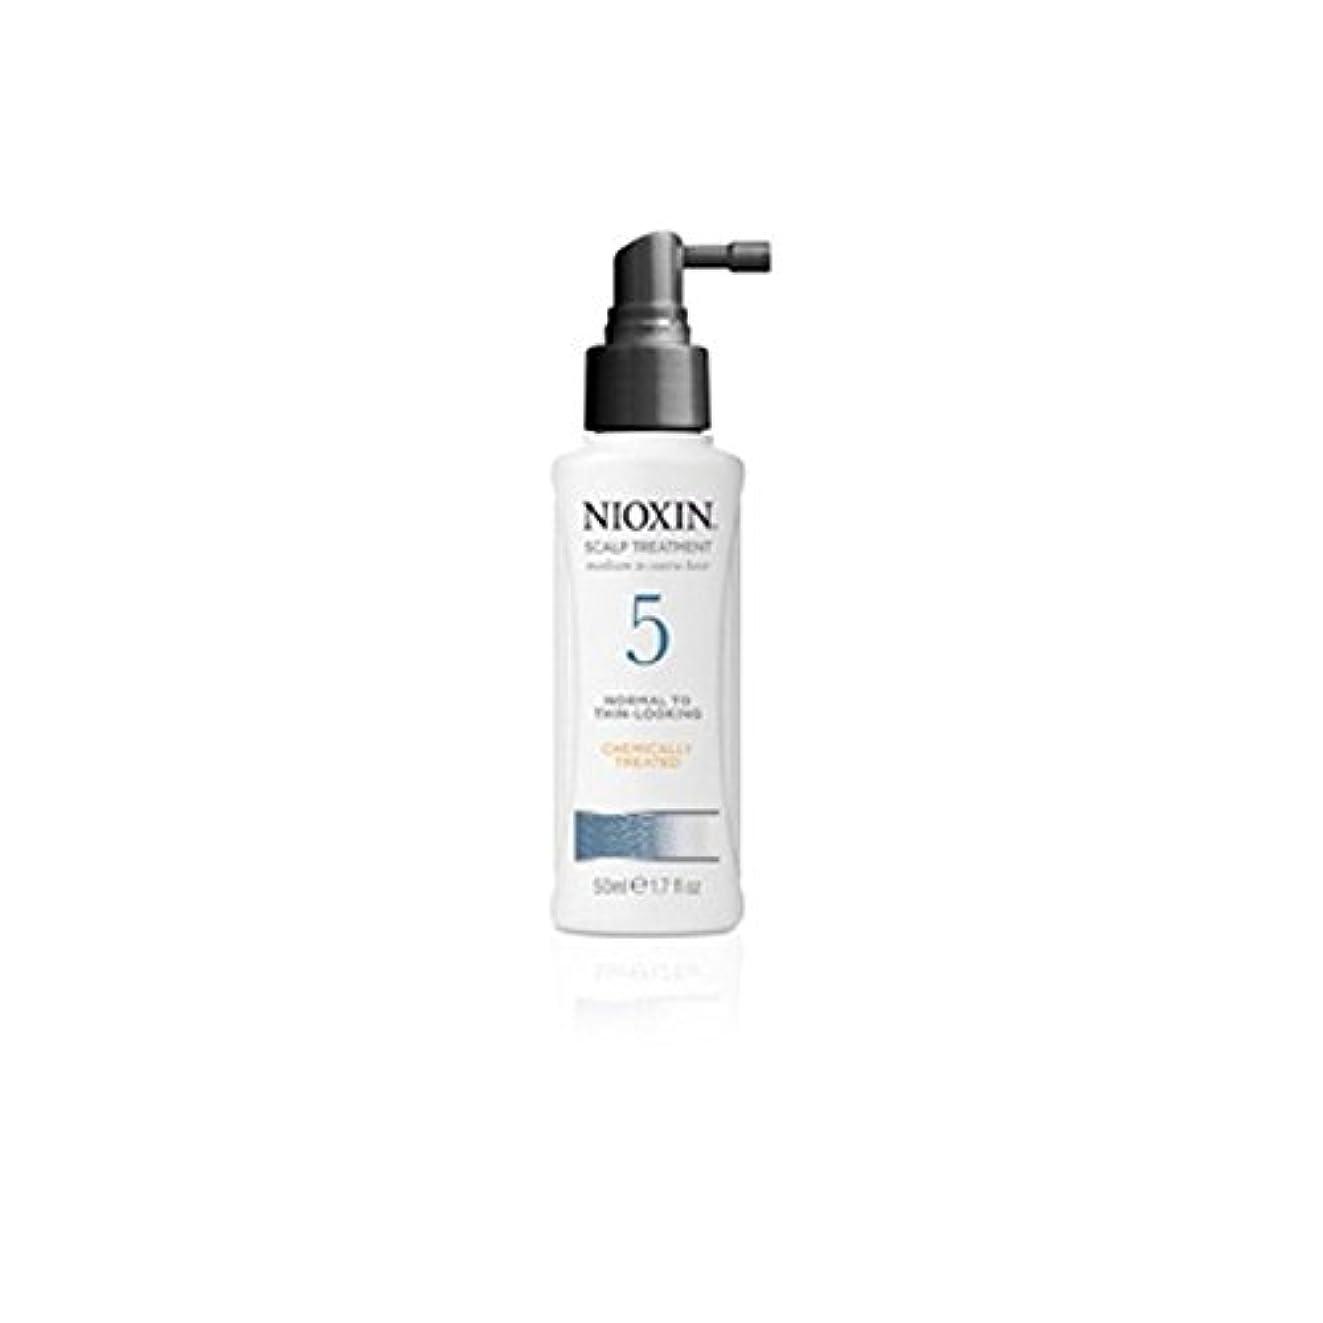 ここに標準写真を描くNioxin System 5 Scalp Treatment For Medium To Coarse, Normal To Thin Looking, Natural And Chemically Treated Hair...